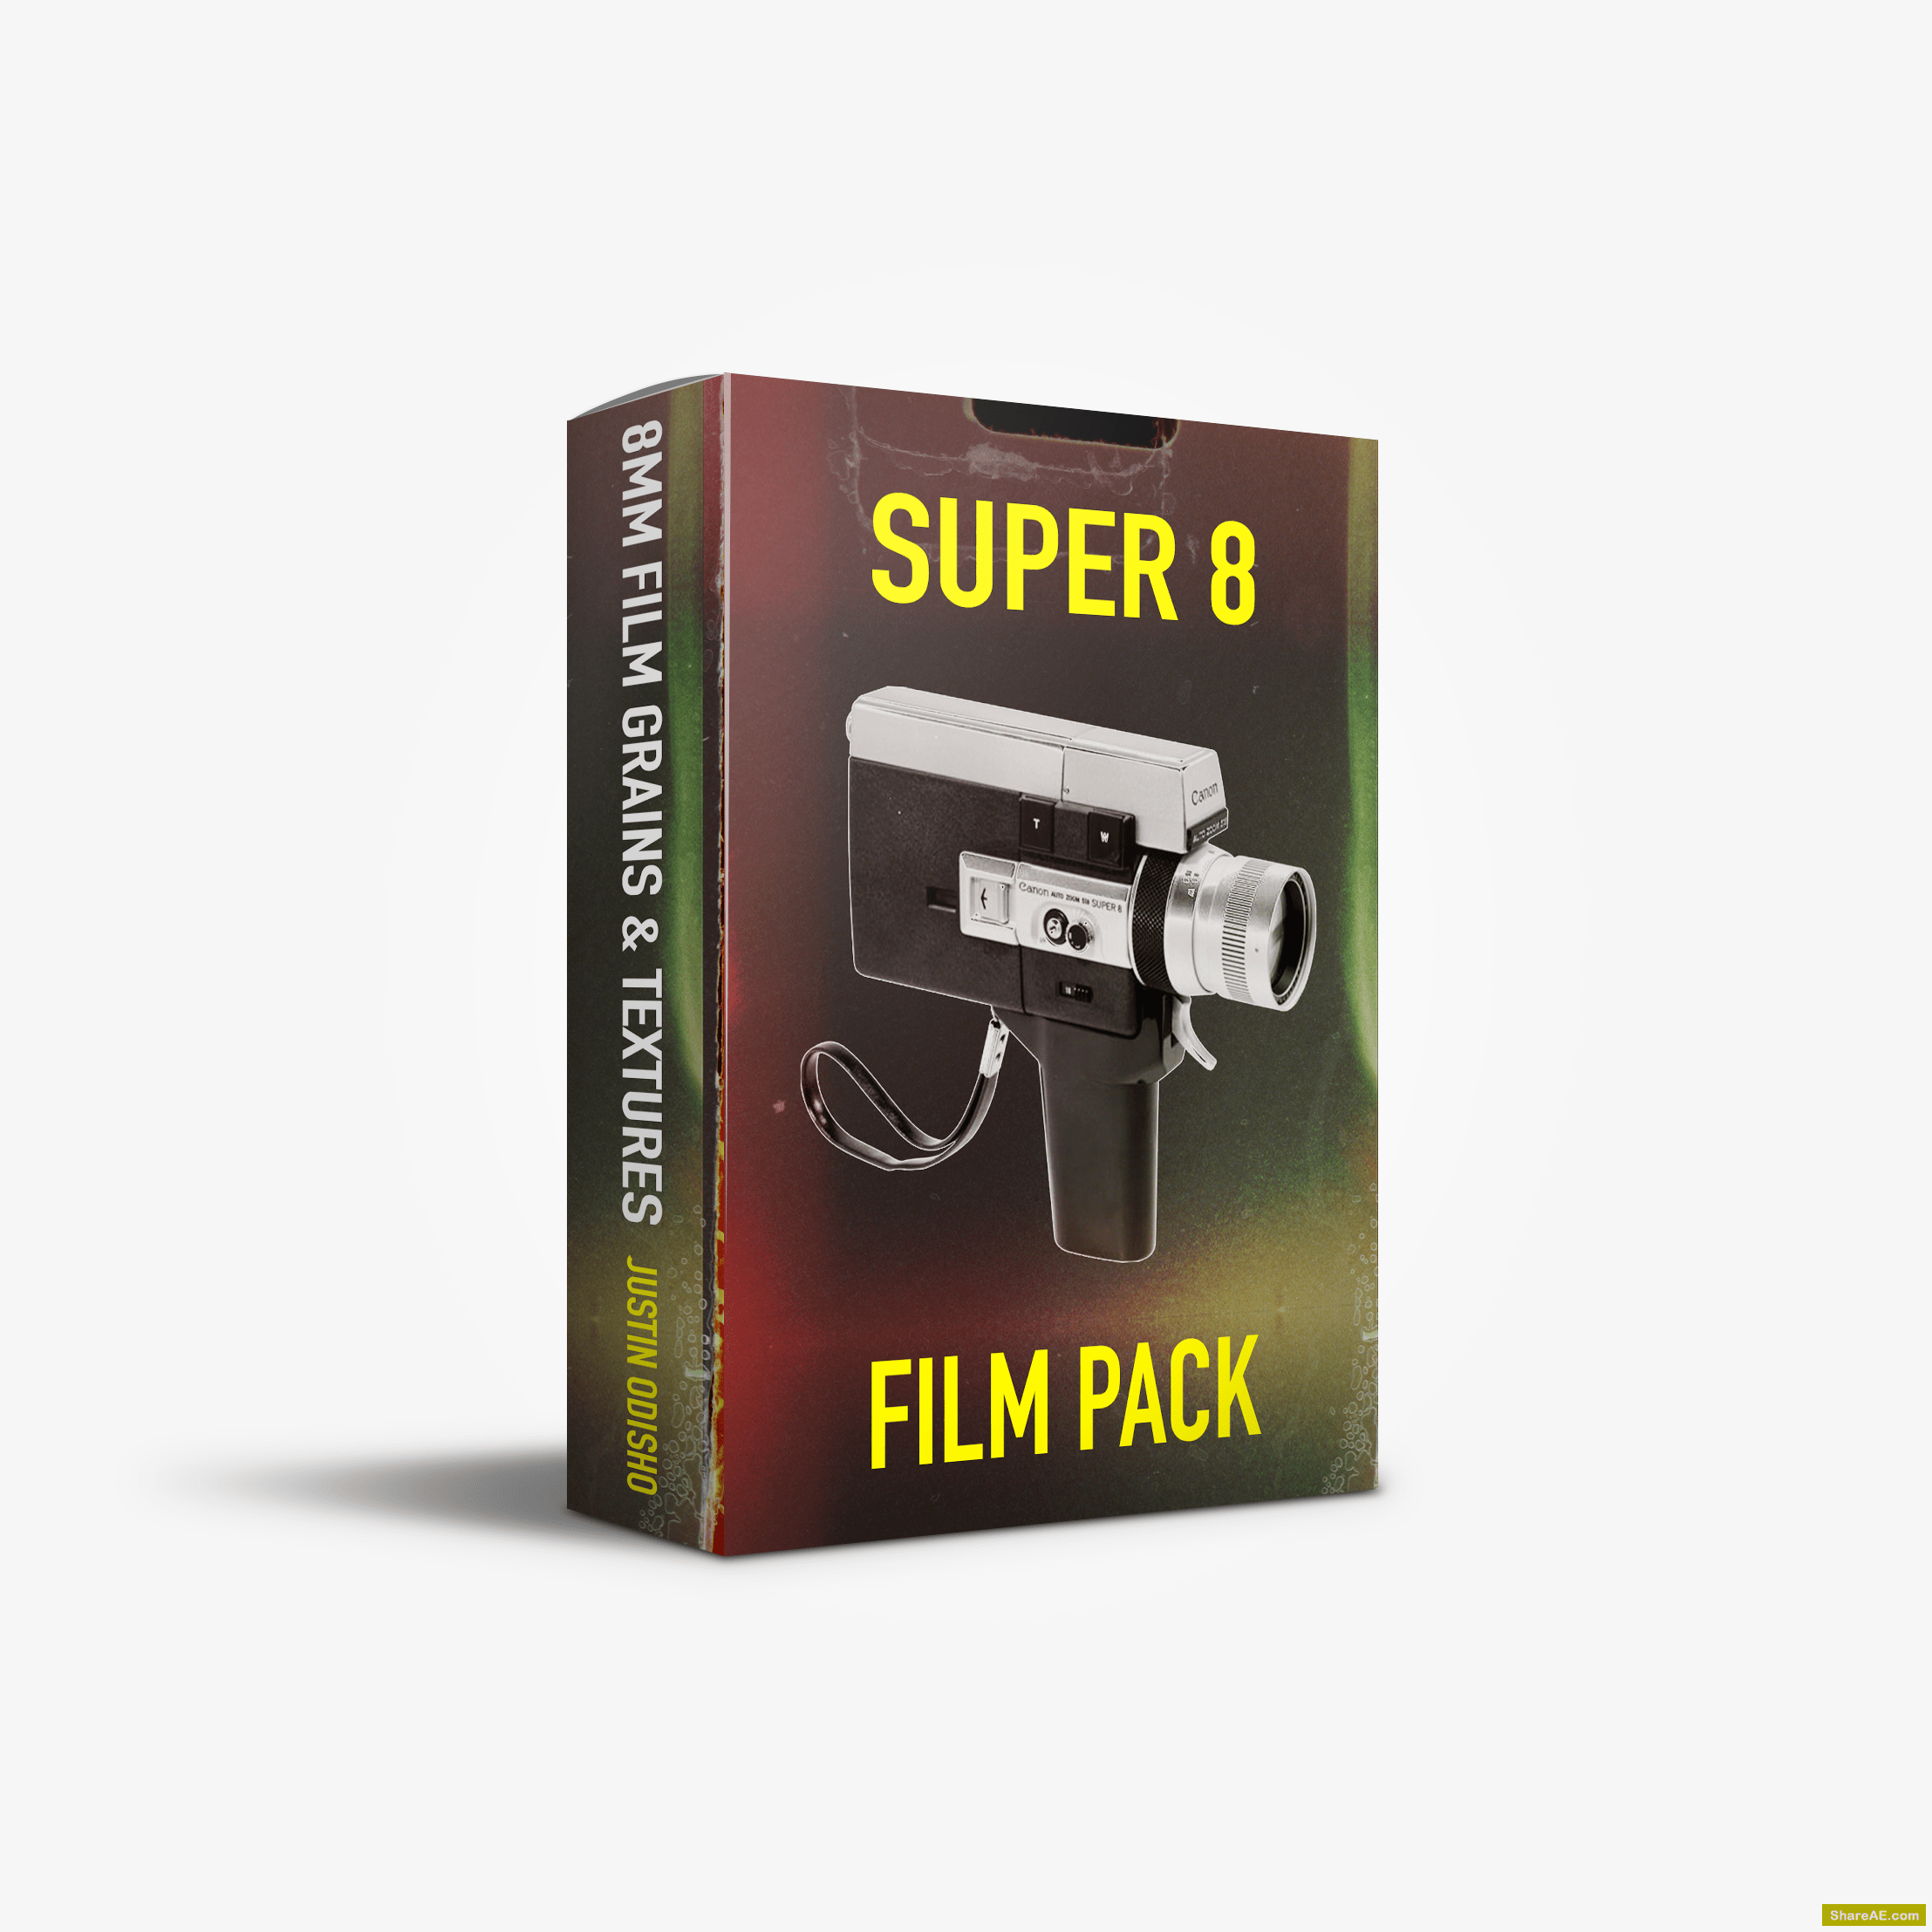 Super 8 Film Overlays Pack - Justin Odisho